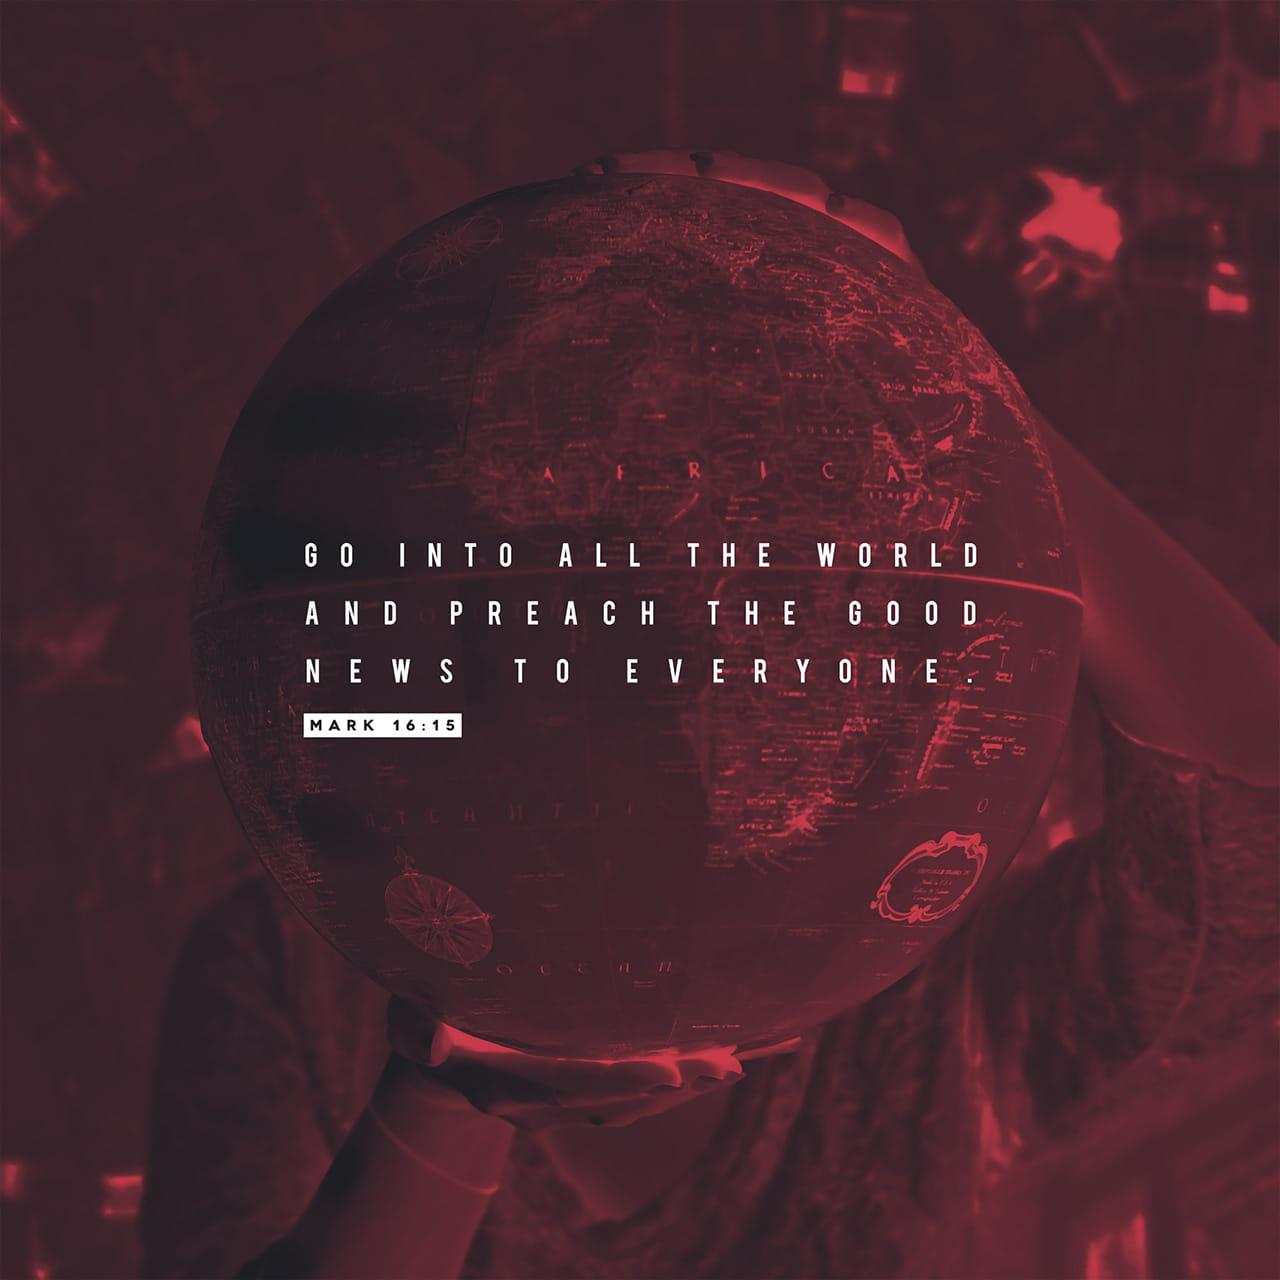 """Marcos 16:15-18 E disse-lhes: """"Vão pelo mundo todo e preguem o evangelho a todas as pessoas. Quem crer e for batizado será salvo, mas quem não crer será condenado. Estes sinais acompanharão os que crerem: em meu nome   Nova Versão Internacional Português (NVI-P)"""